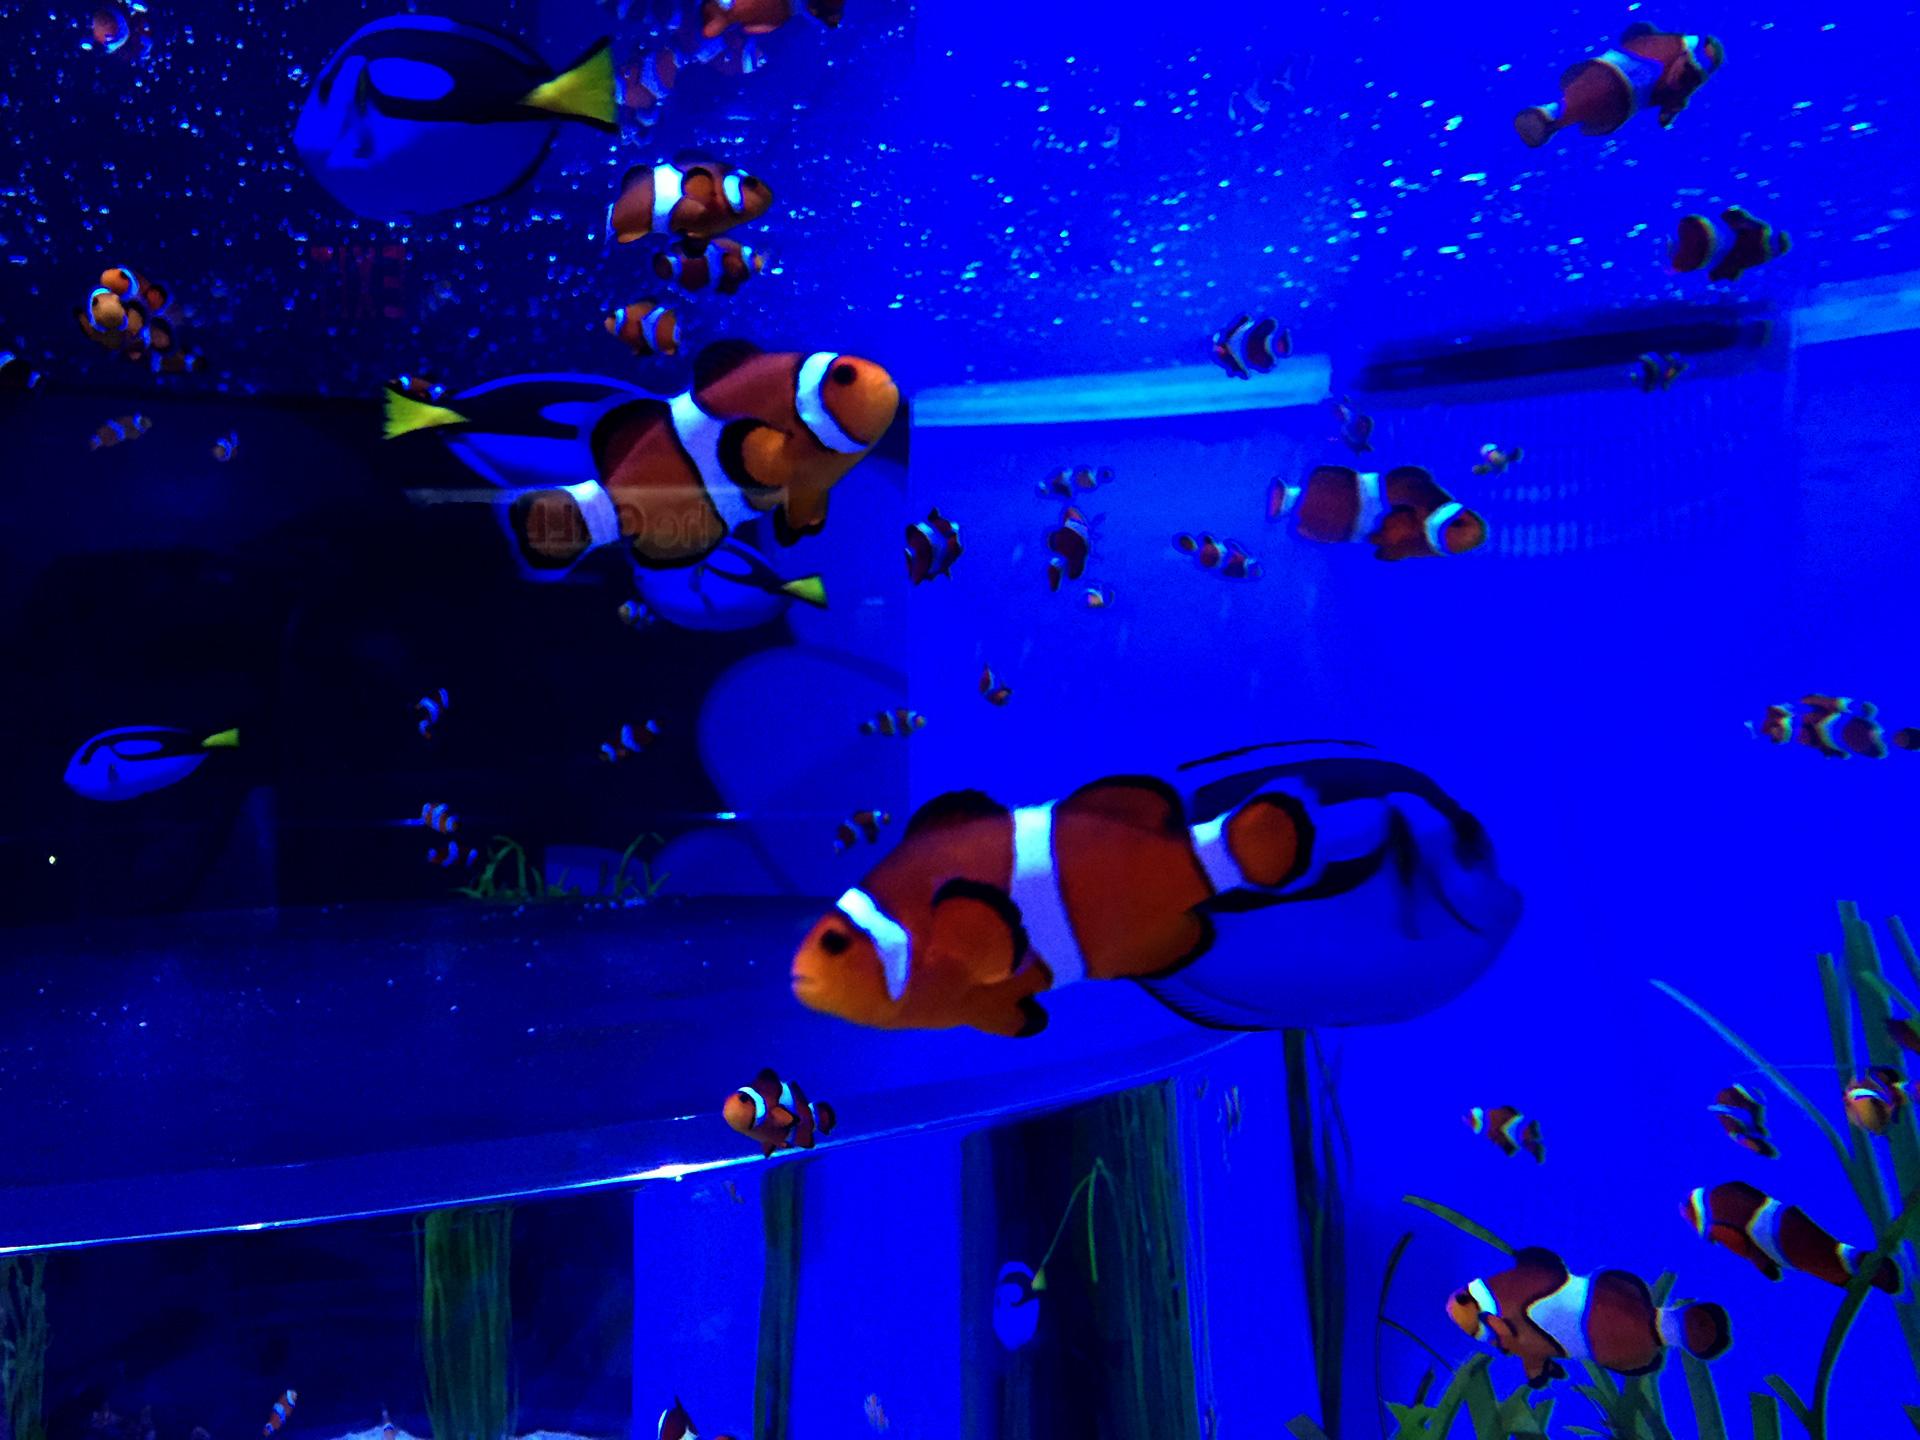 El pez payaso y las espigas azules se ven muy bien juntos